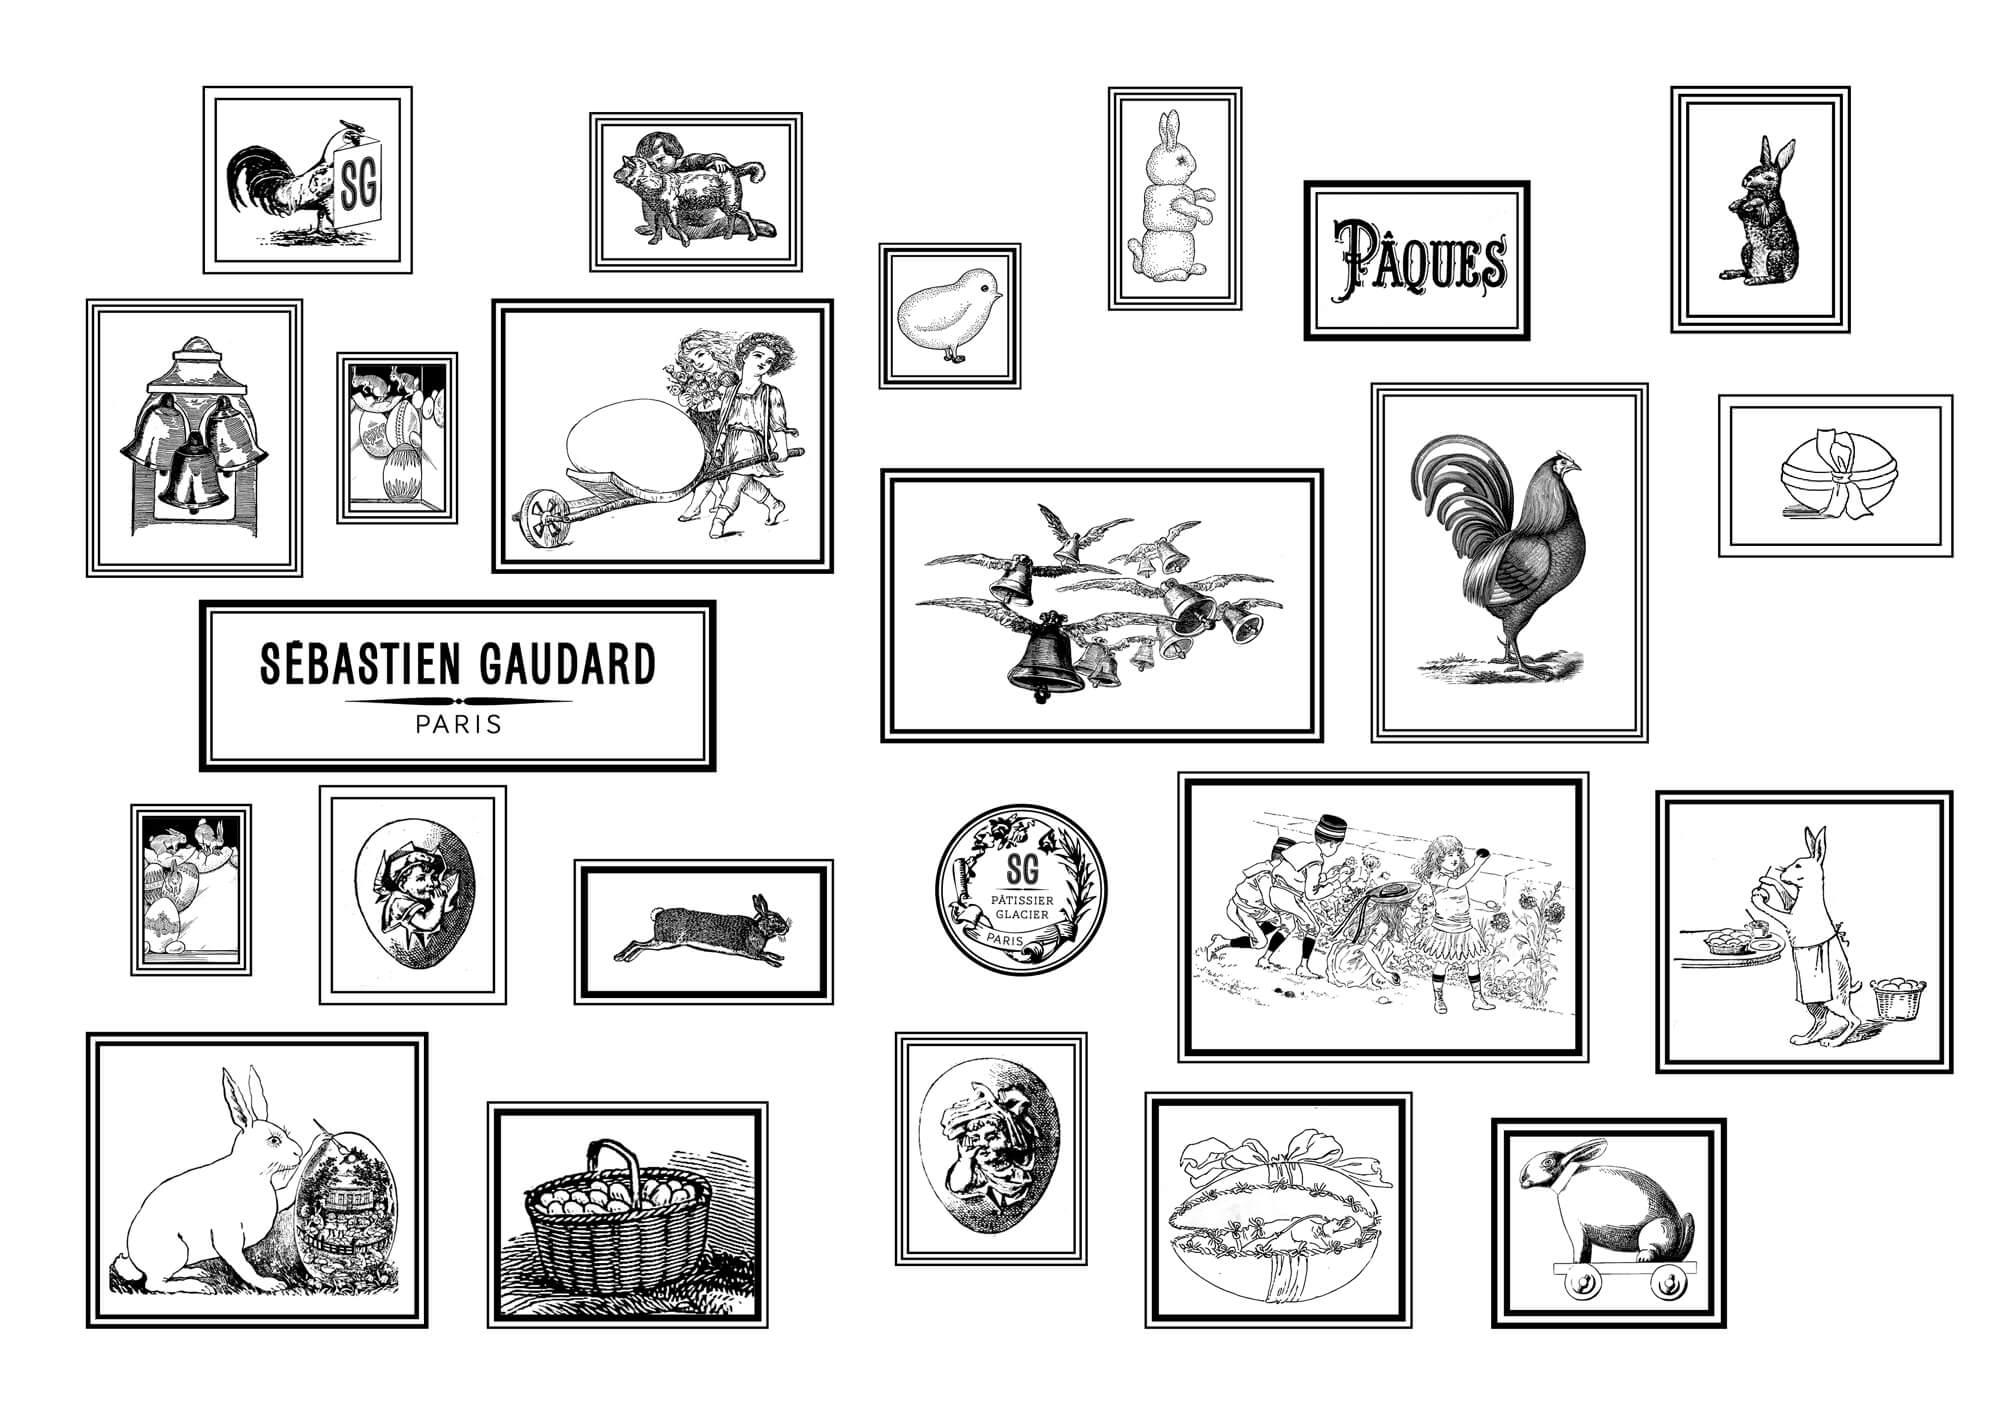 motif en noir et blanc dessiné par Ich&Kar a partir de gravures anciennes de coqs, poussins, lapins pour le thème de pâques à la patisserie Sebastien gaudard